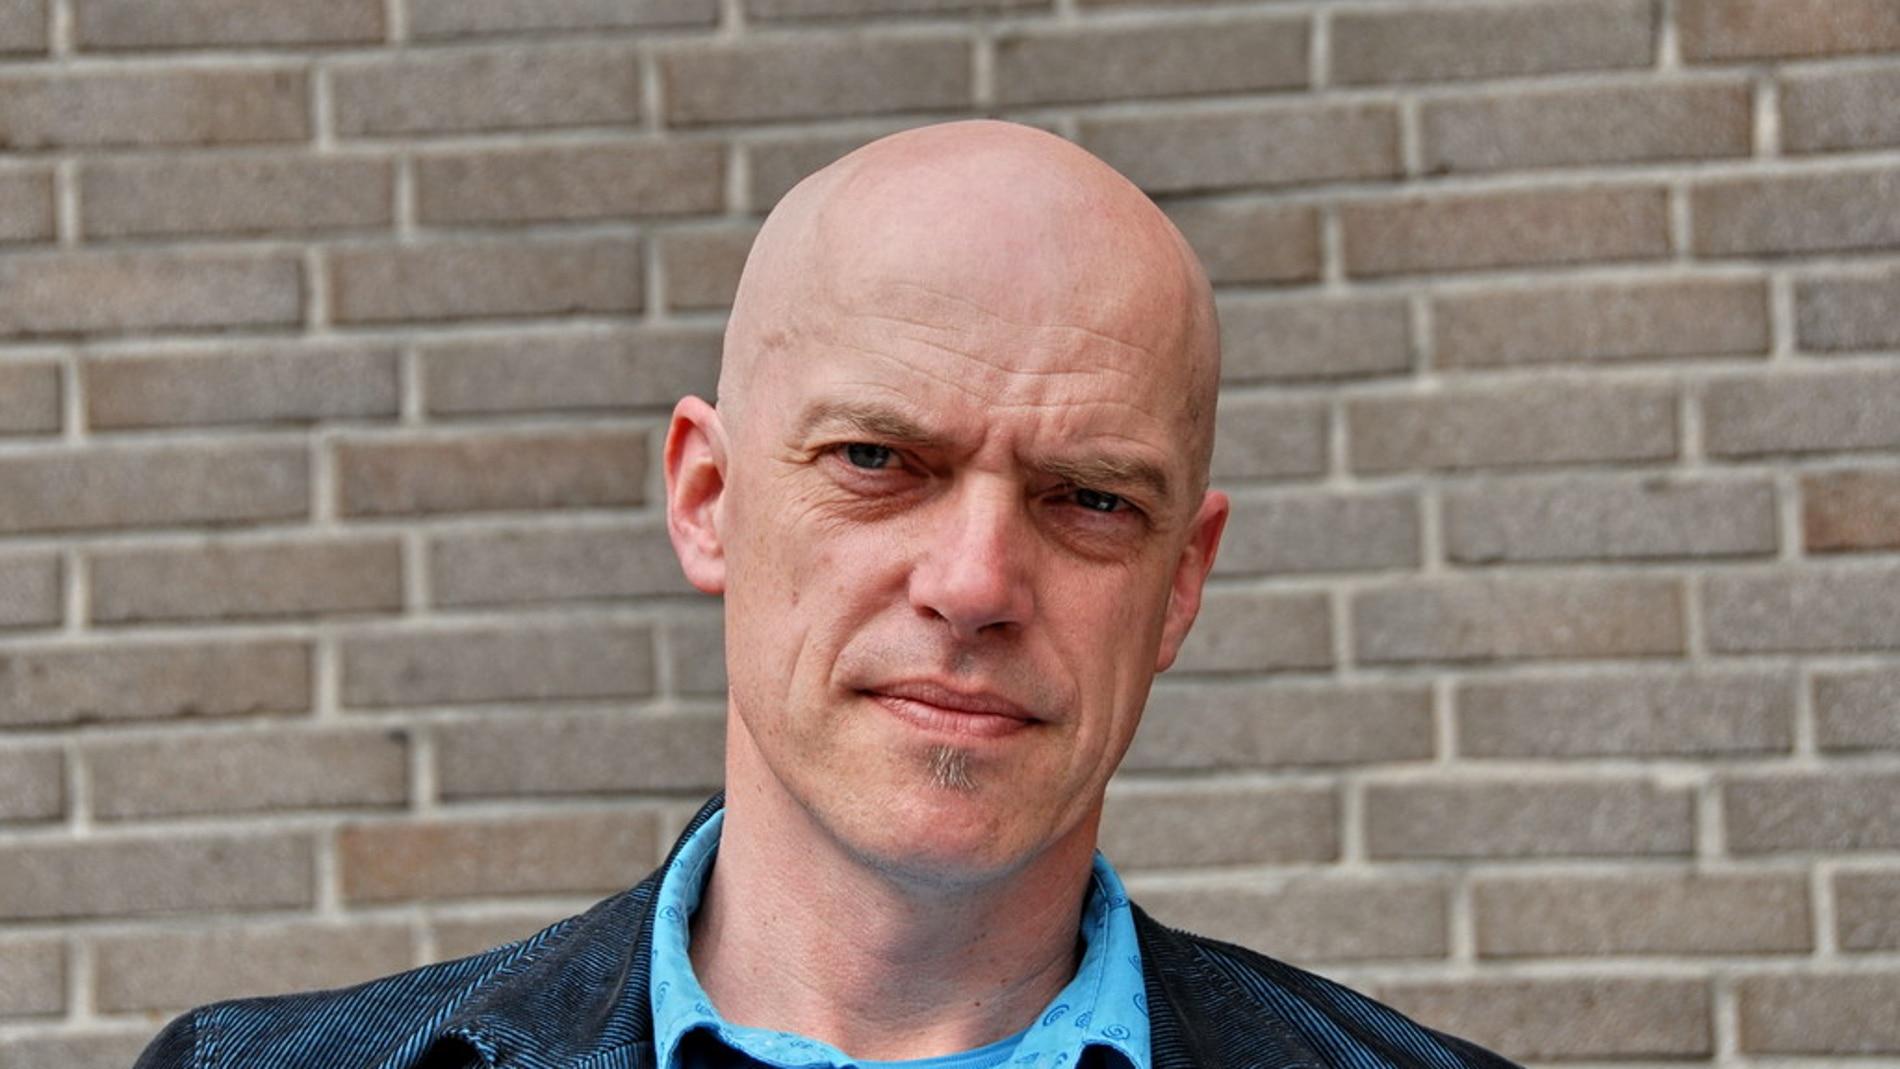 ¿Un inmunosupresor para tratar la alopecia?